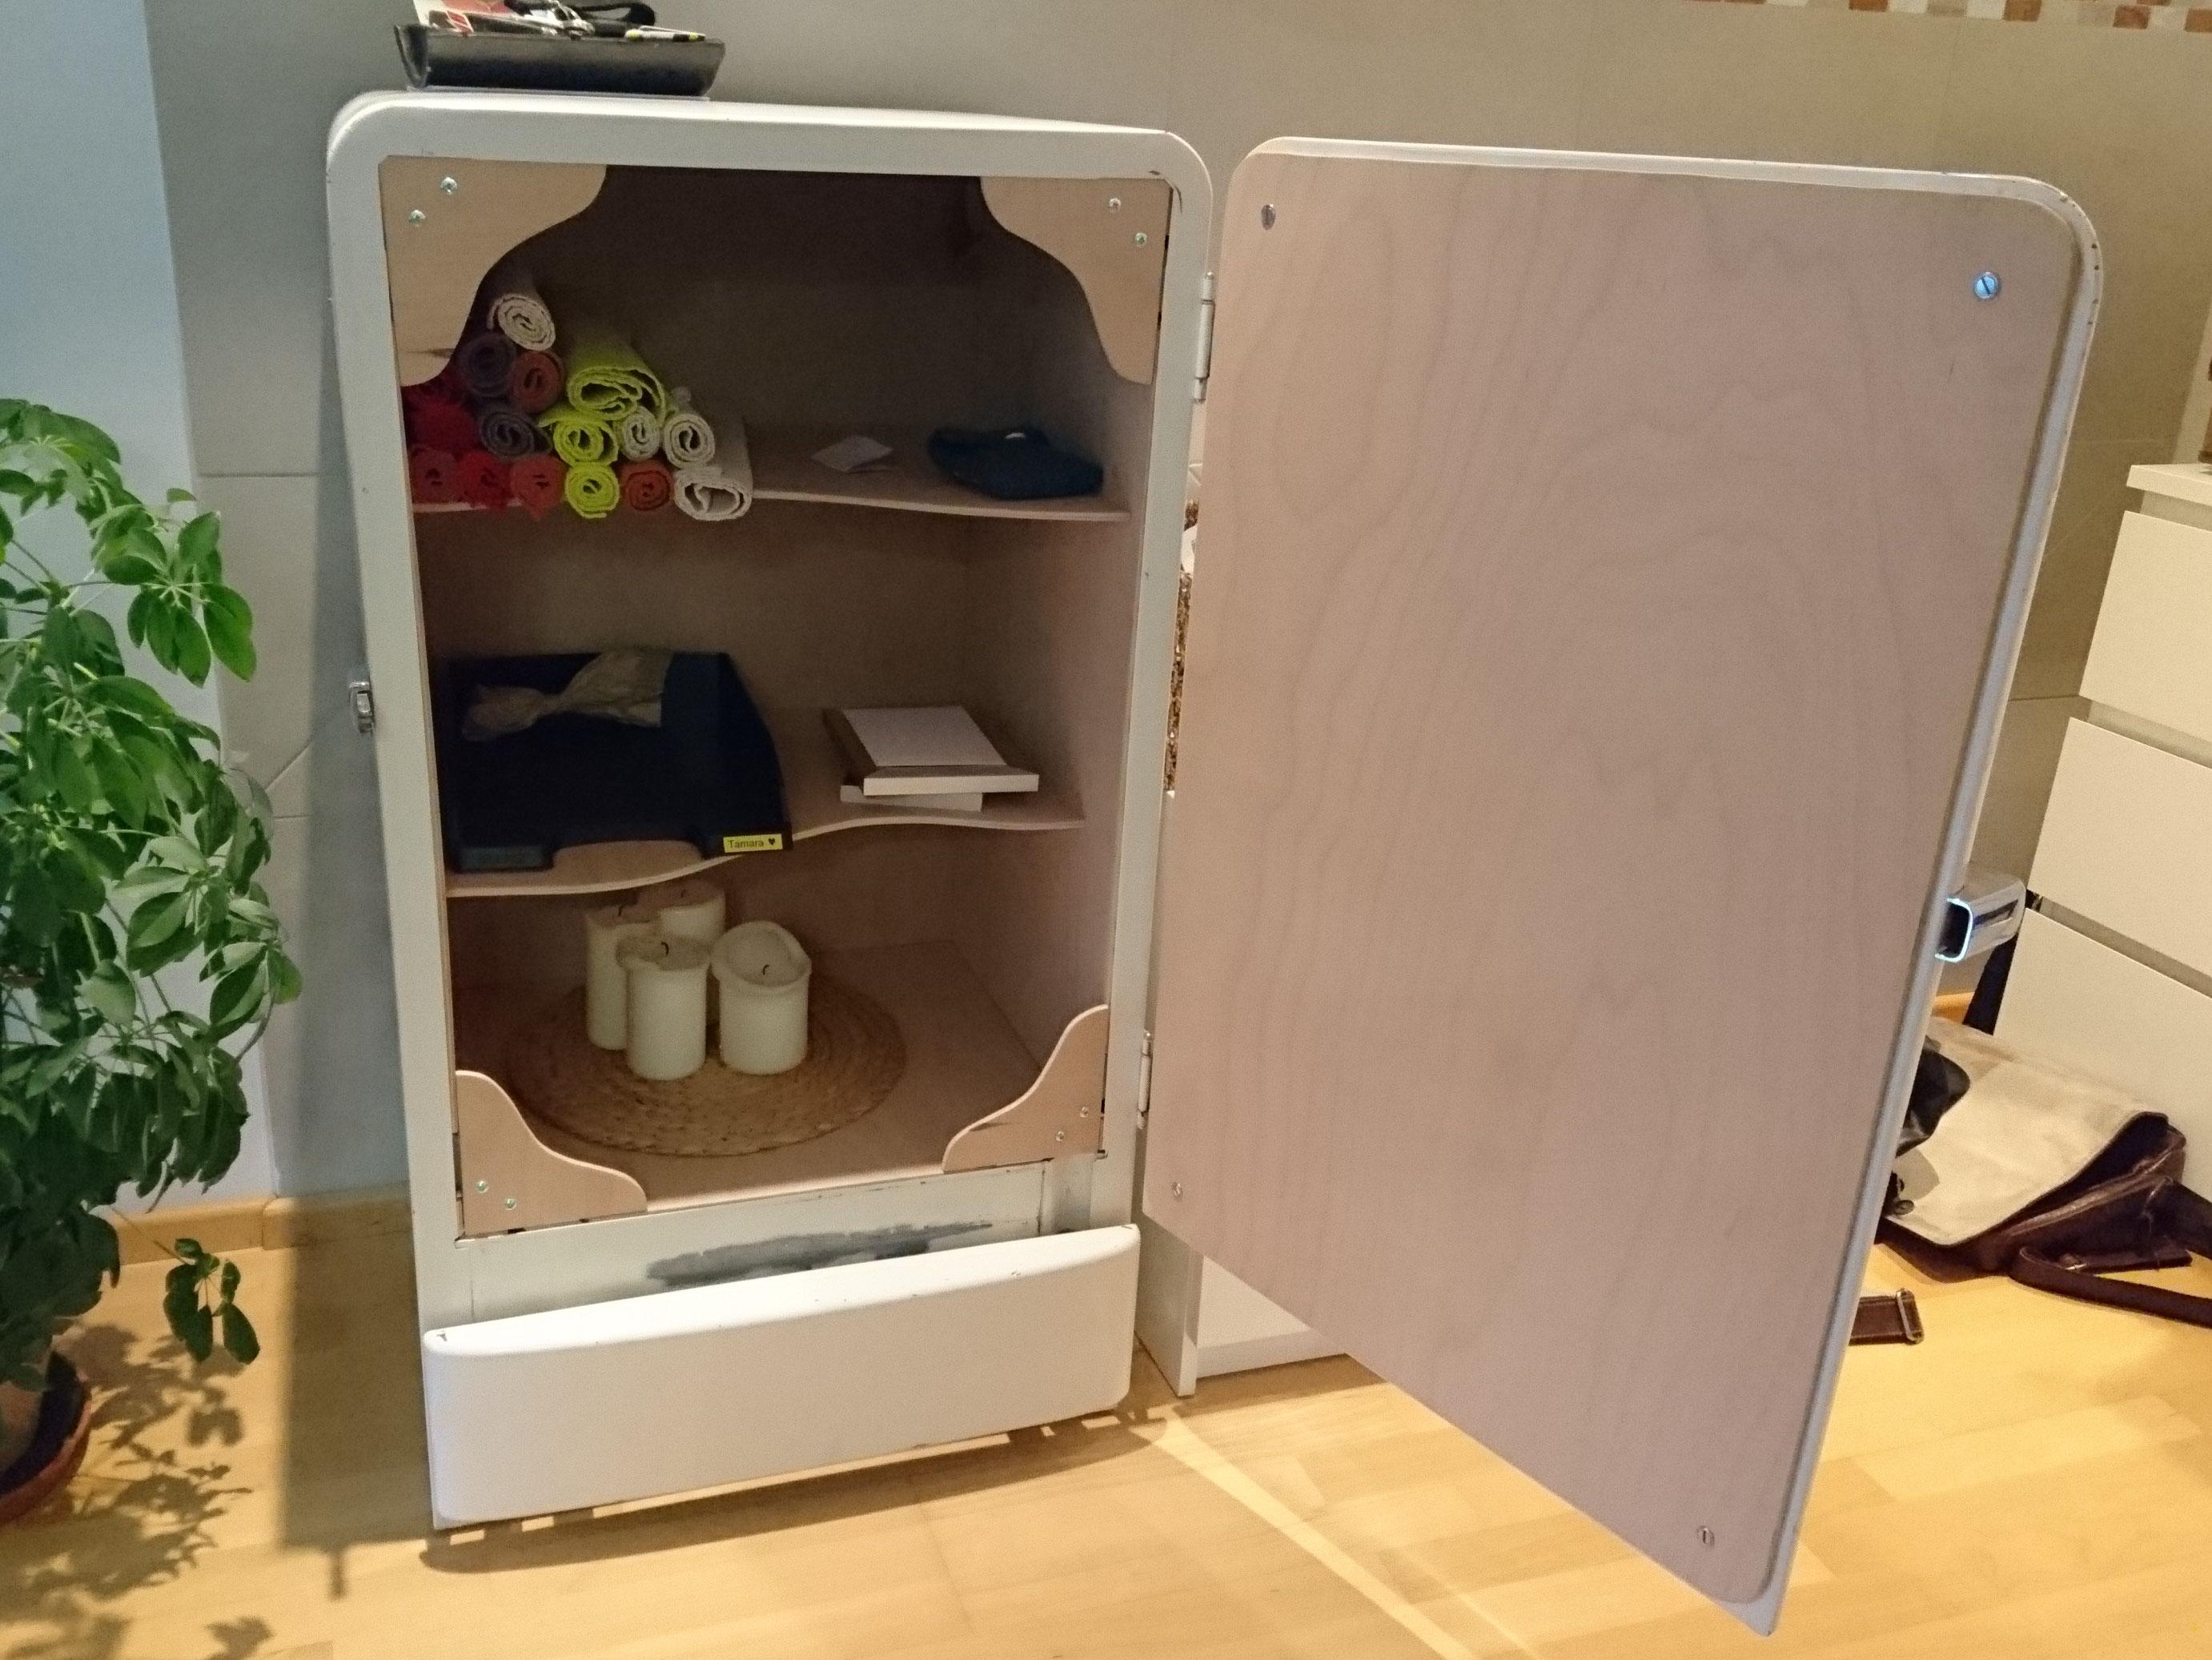 Retro Kühlschrank Umbauen : Kühlschrank umbauen datei wäschetrockner schema png wikipedia